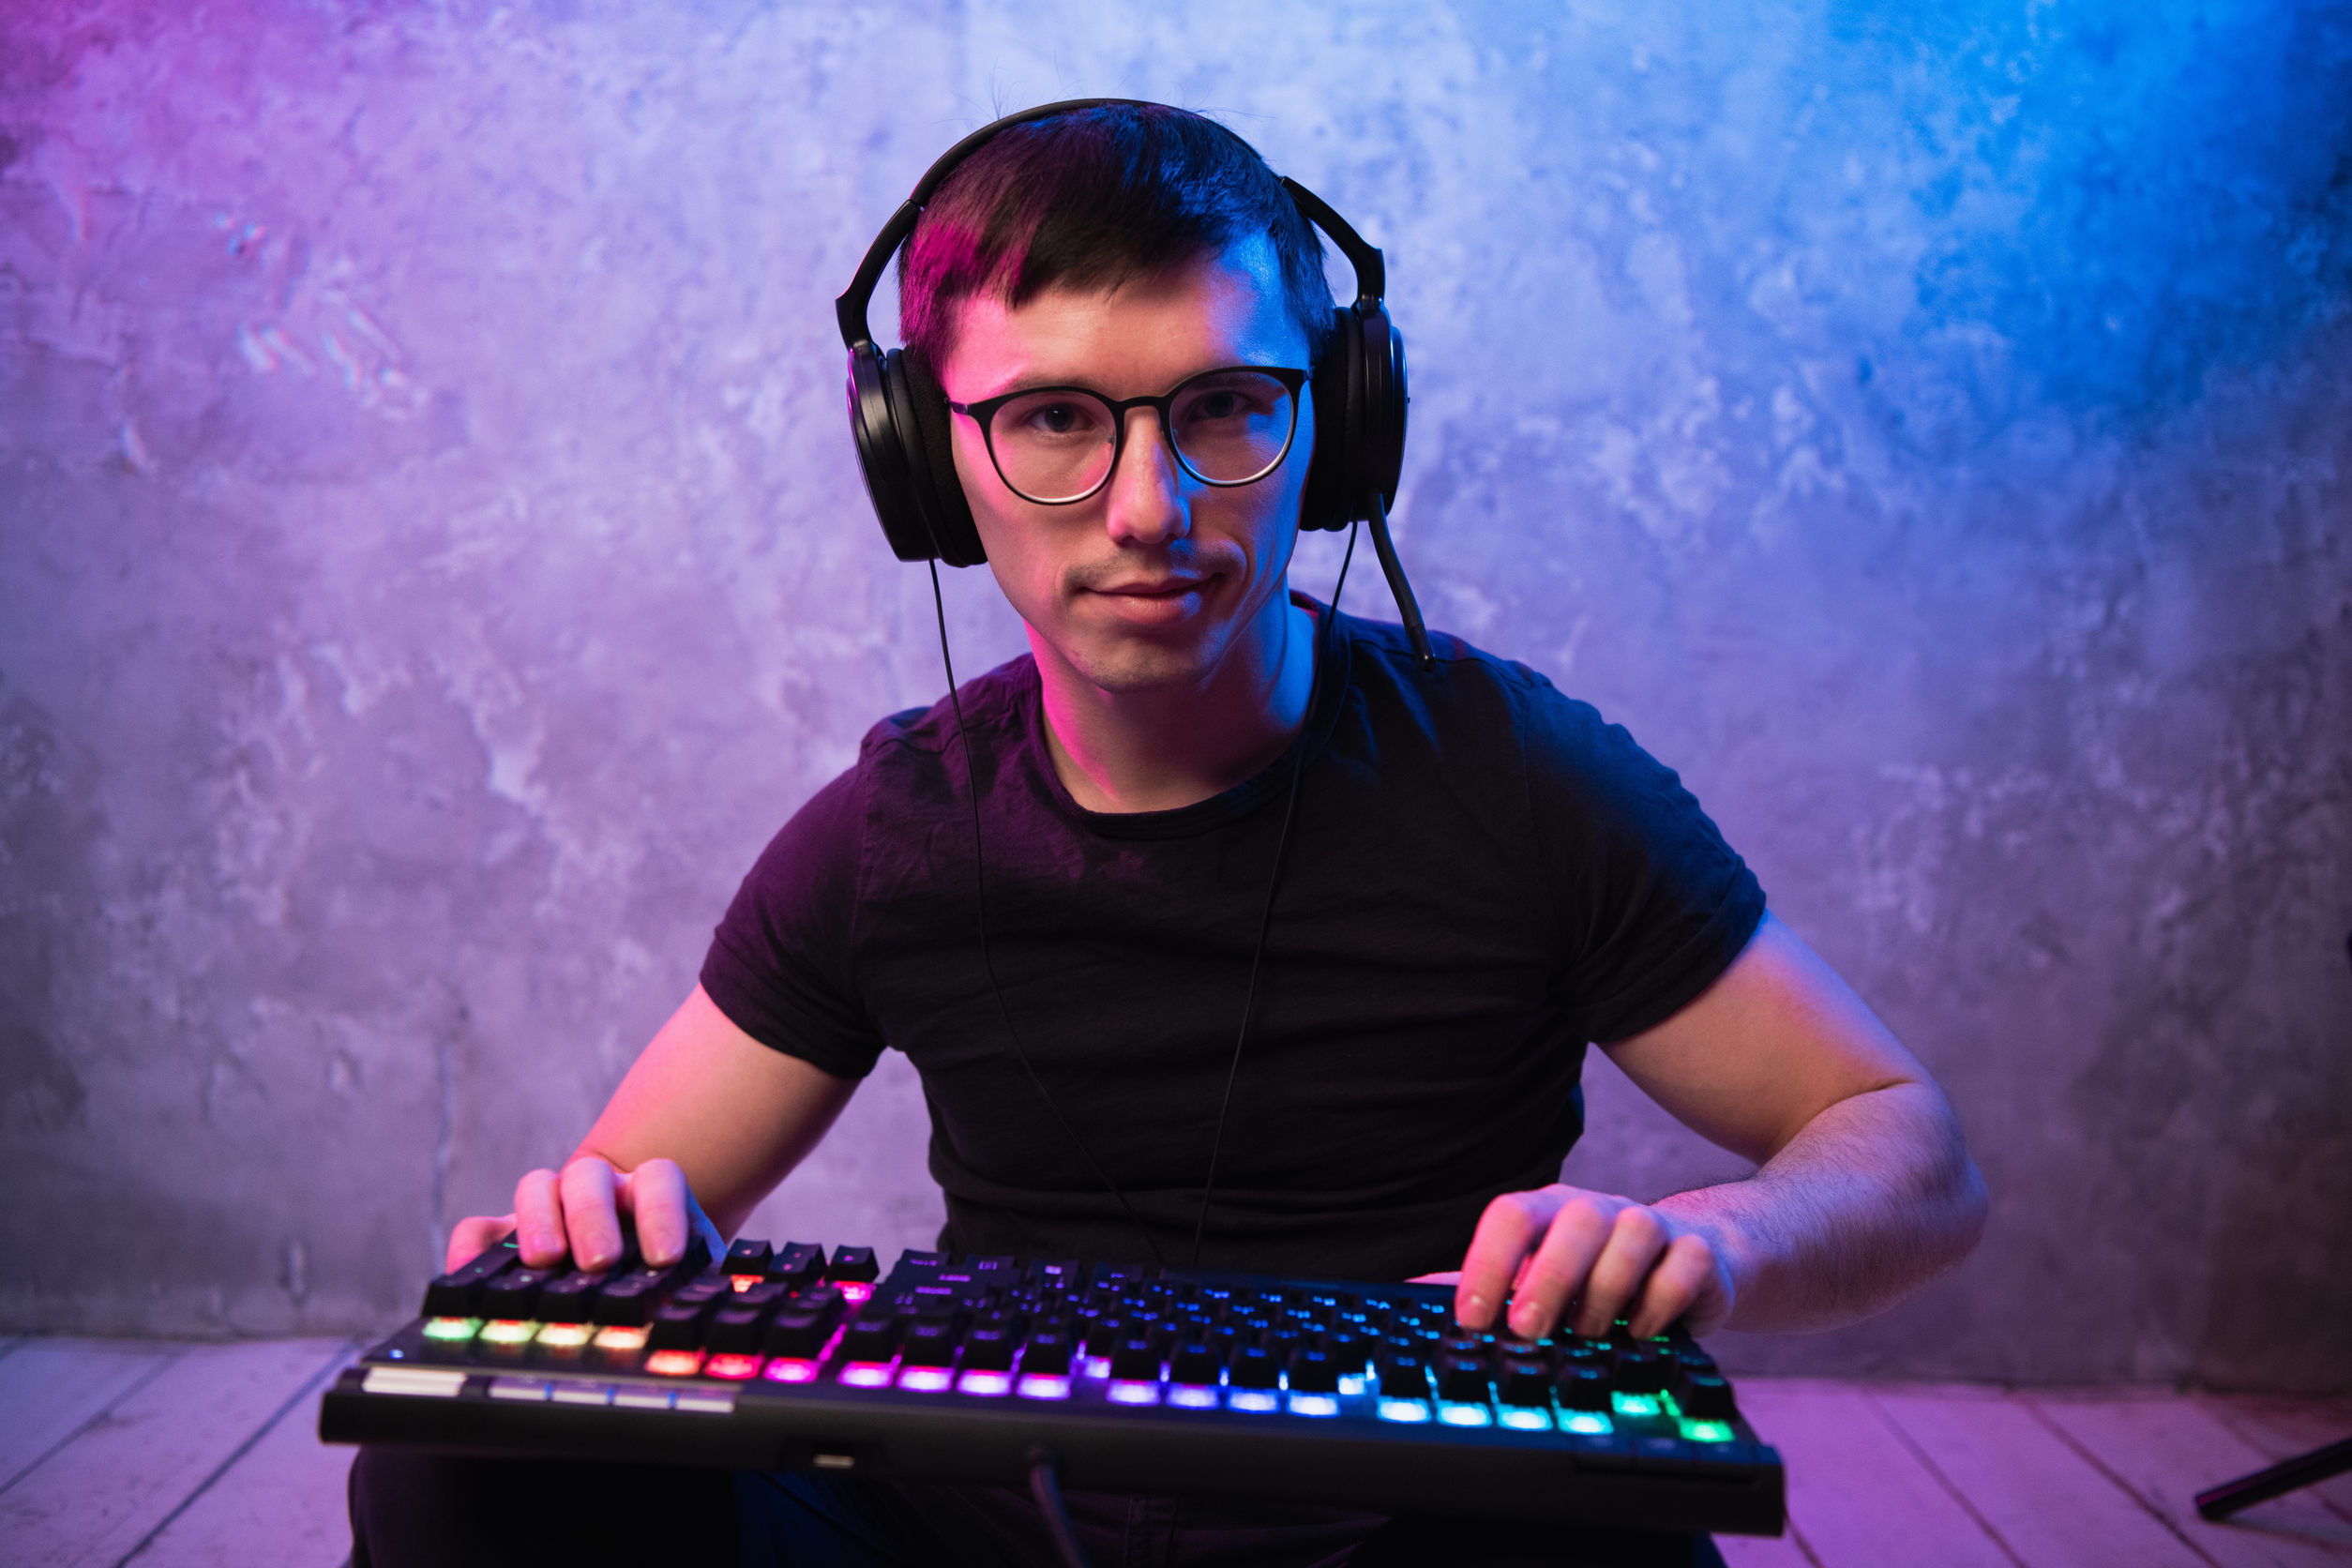 Teclado Gamer: ¿Cuál es el mejor del 2020?